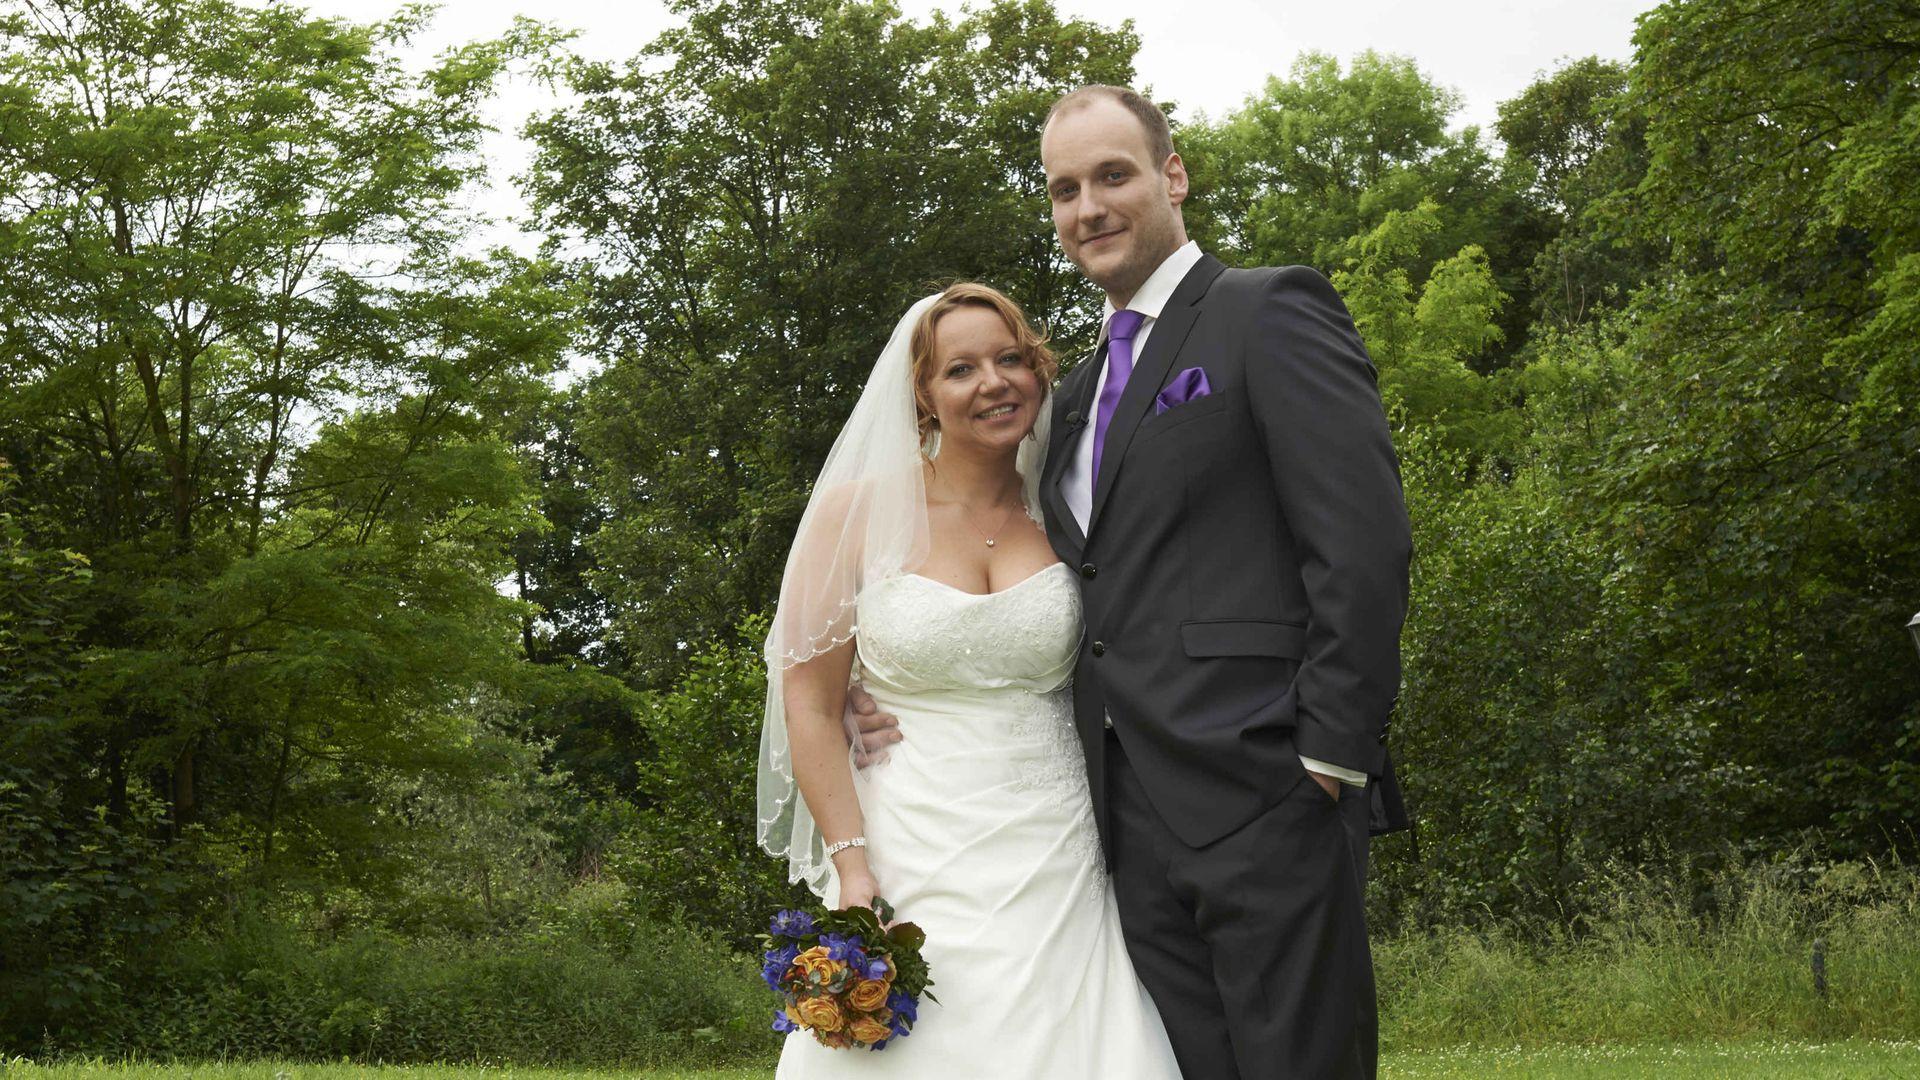 Hochzeit Auf Den Ersten Blick Sandra Und Sebastian  Blind Wedding Hielt Ehe beim ersten Paar